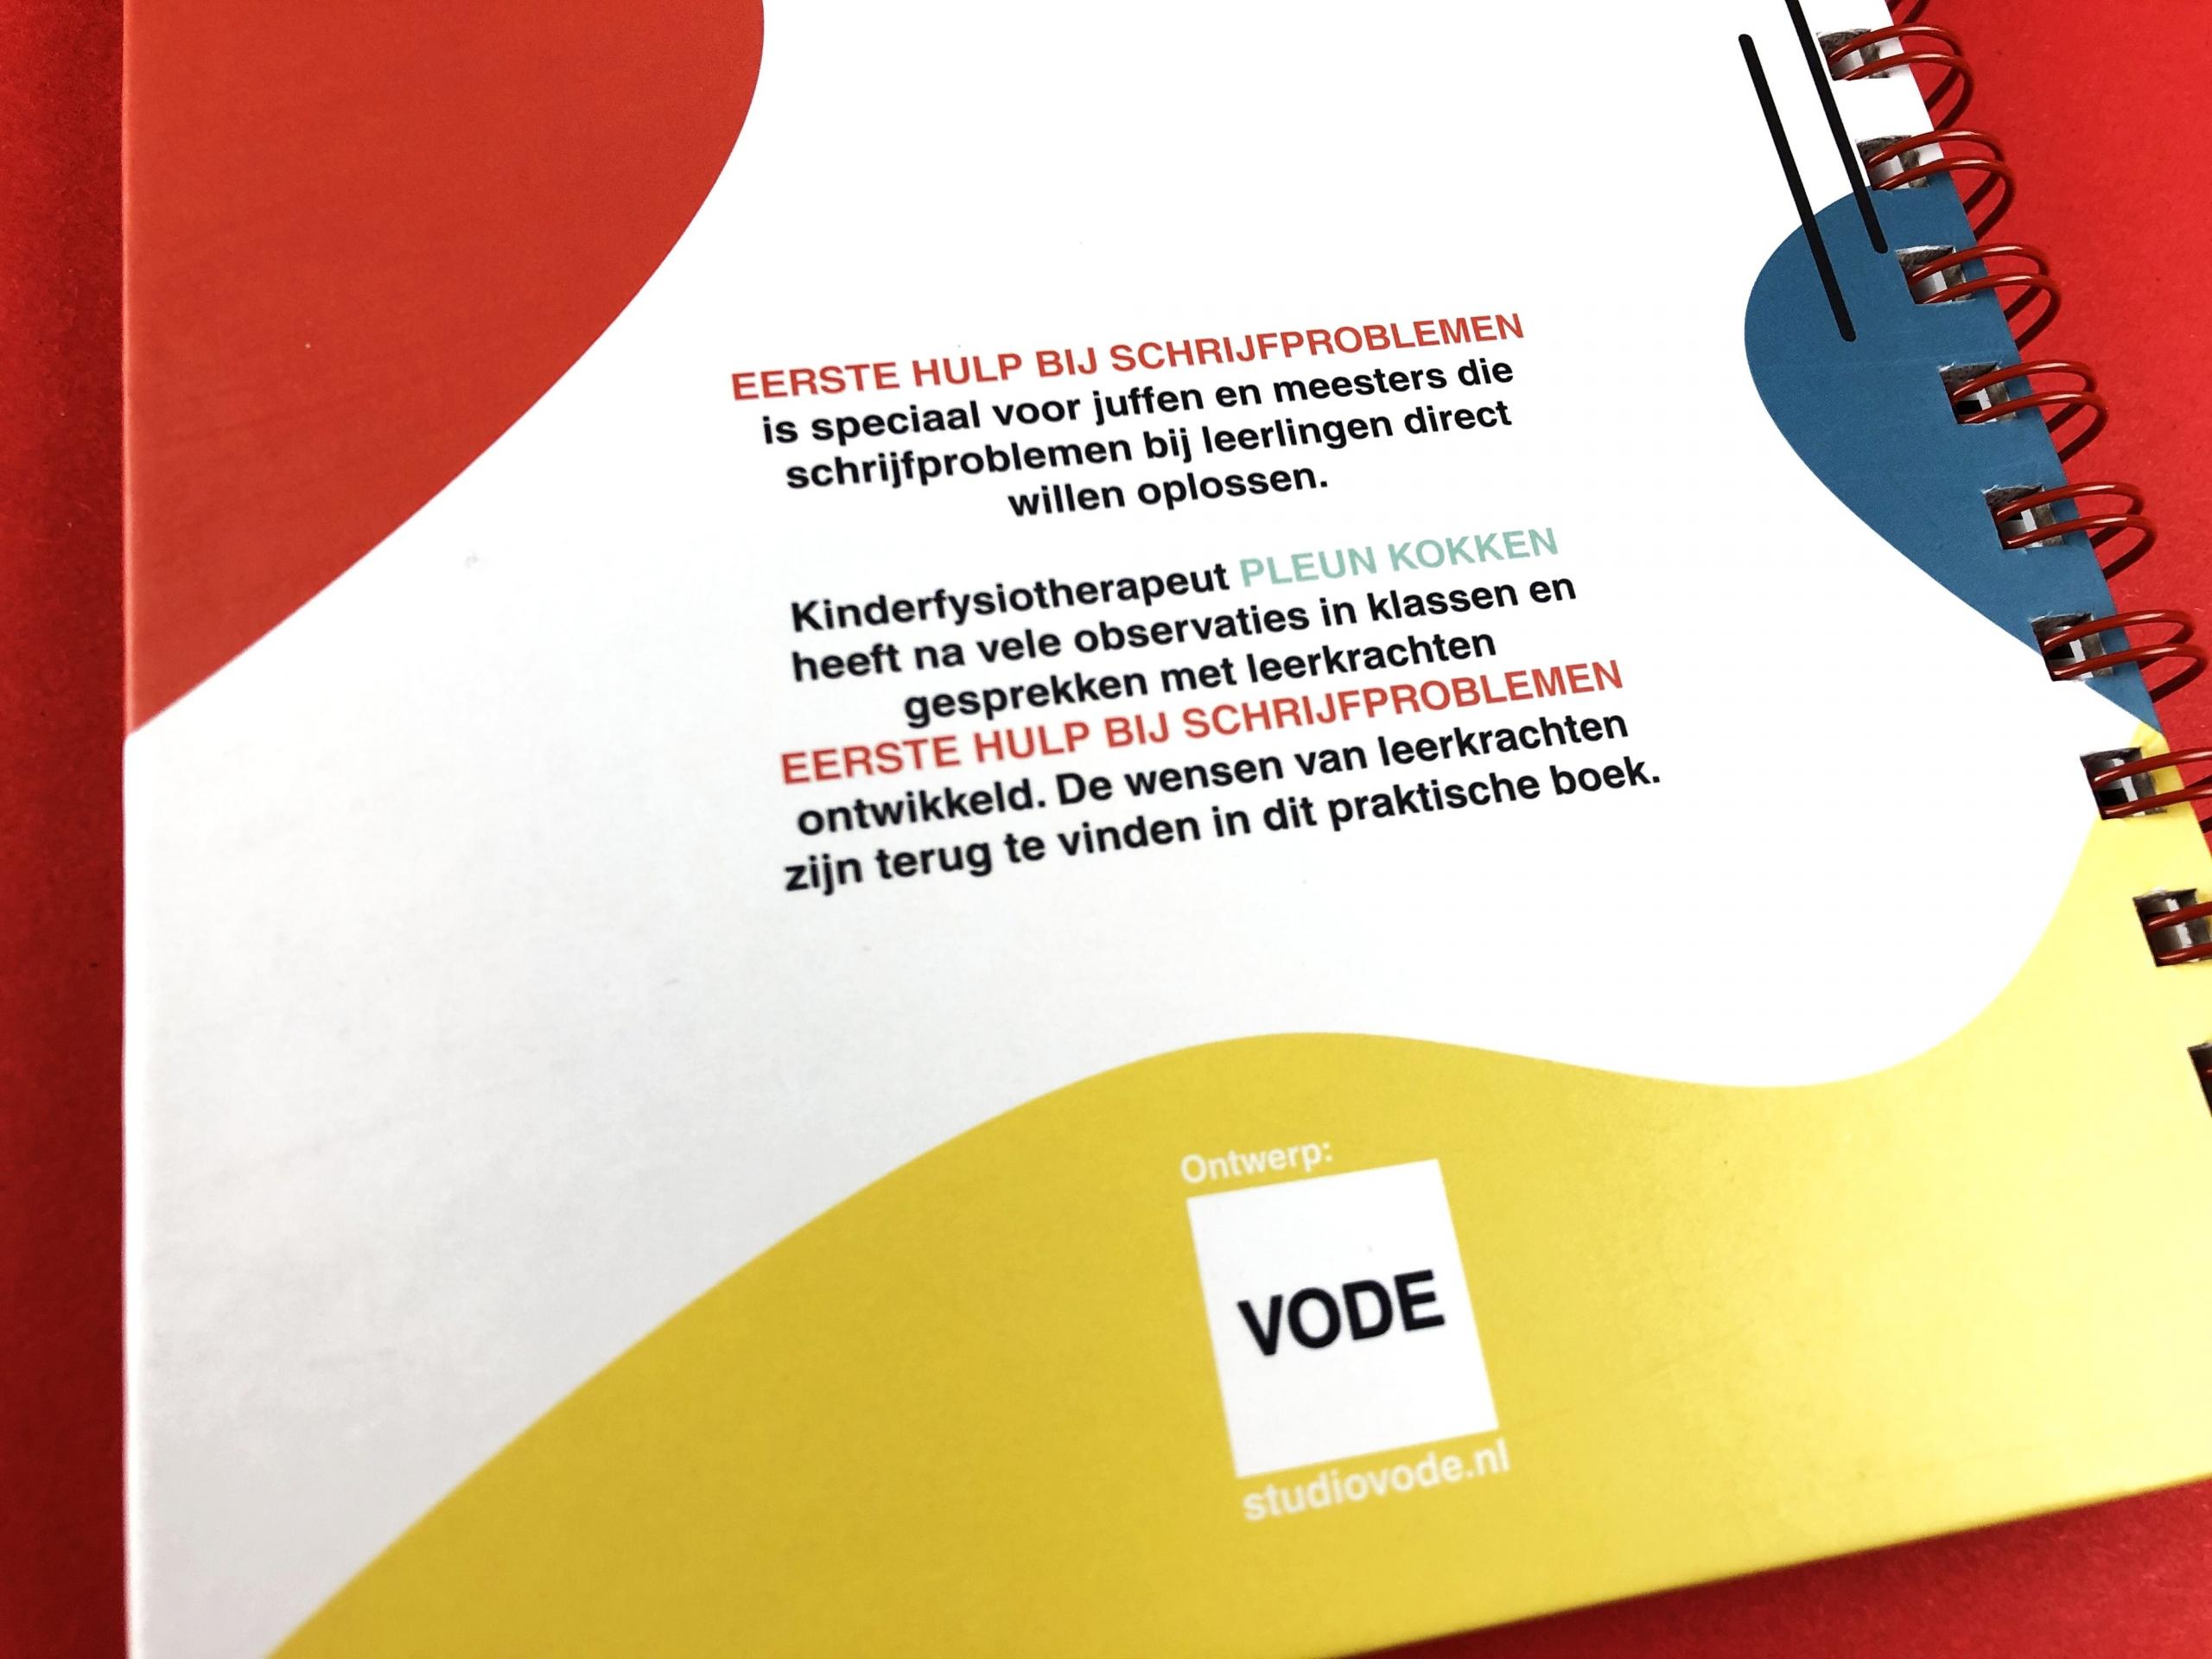 mijndrukker.nl - Hardcover Wire-O, 'Eerste Hulp Bij Schrijfproblemen' - Pleun Kokken